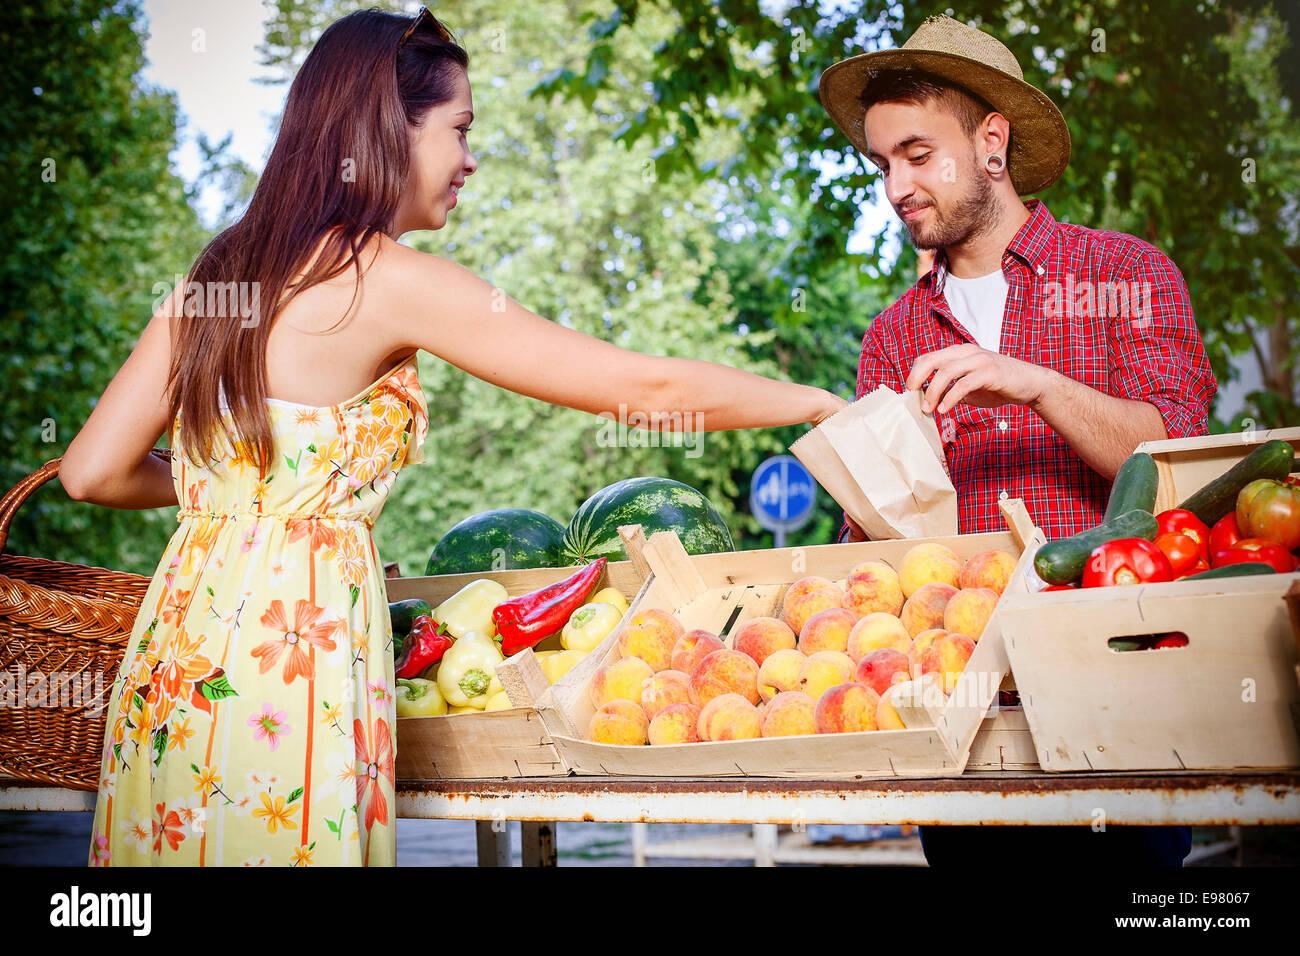 Frau Obst am Marktstand kaufen Stockbild